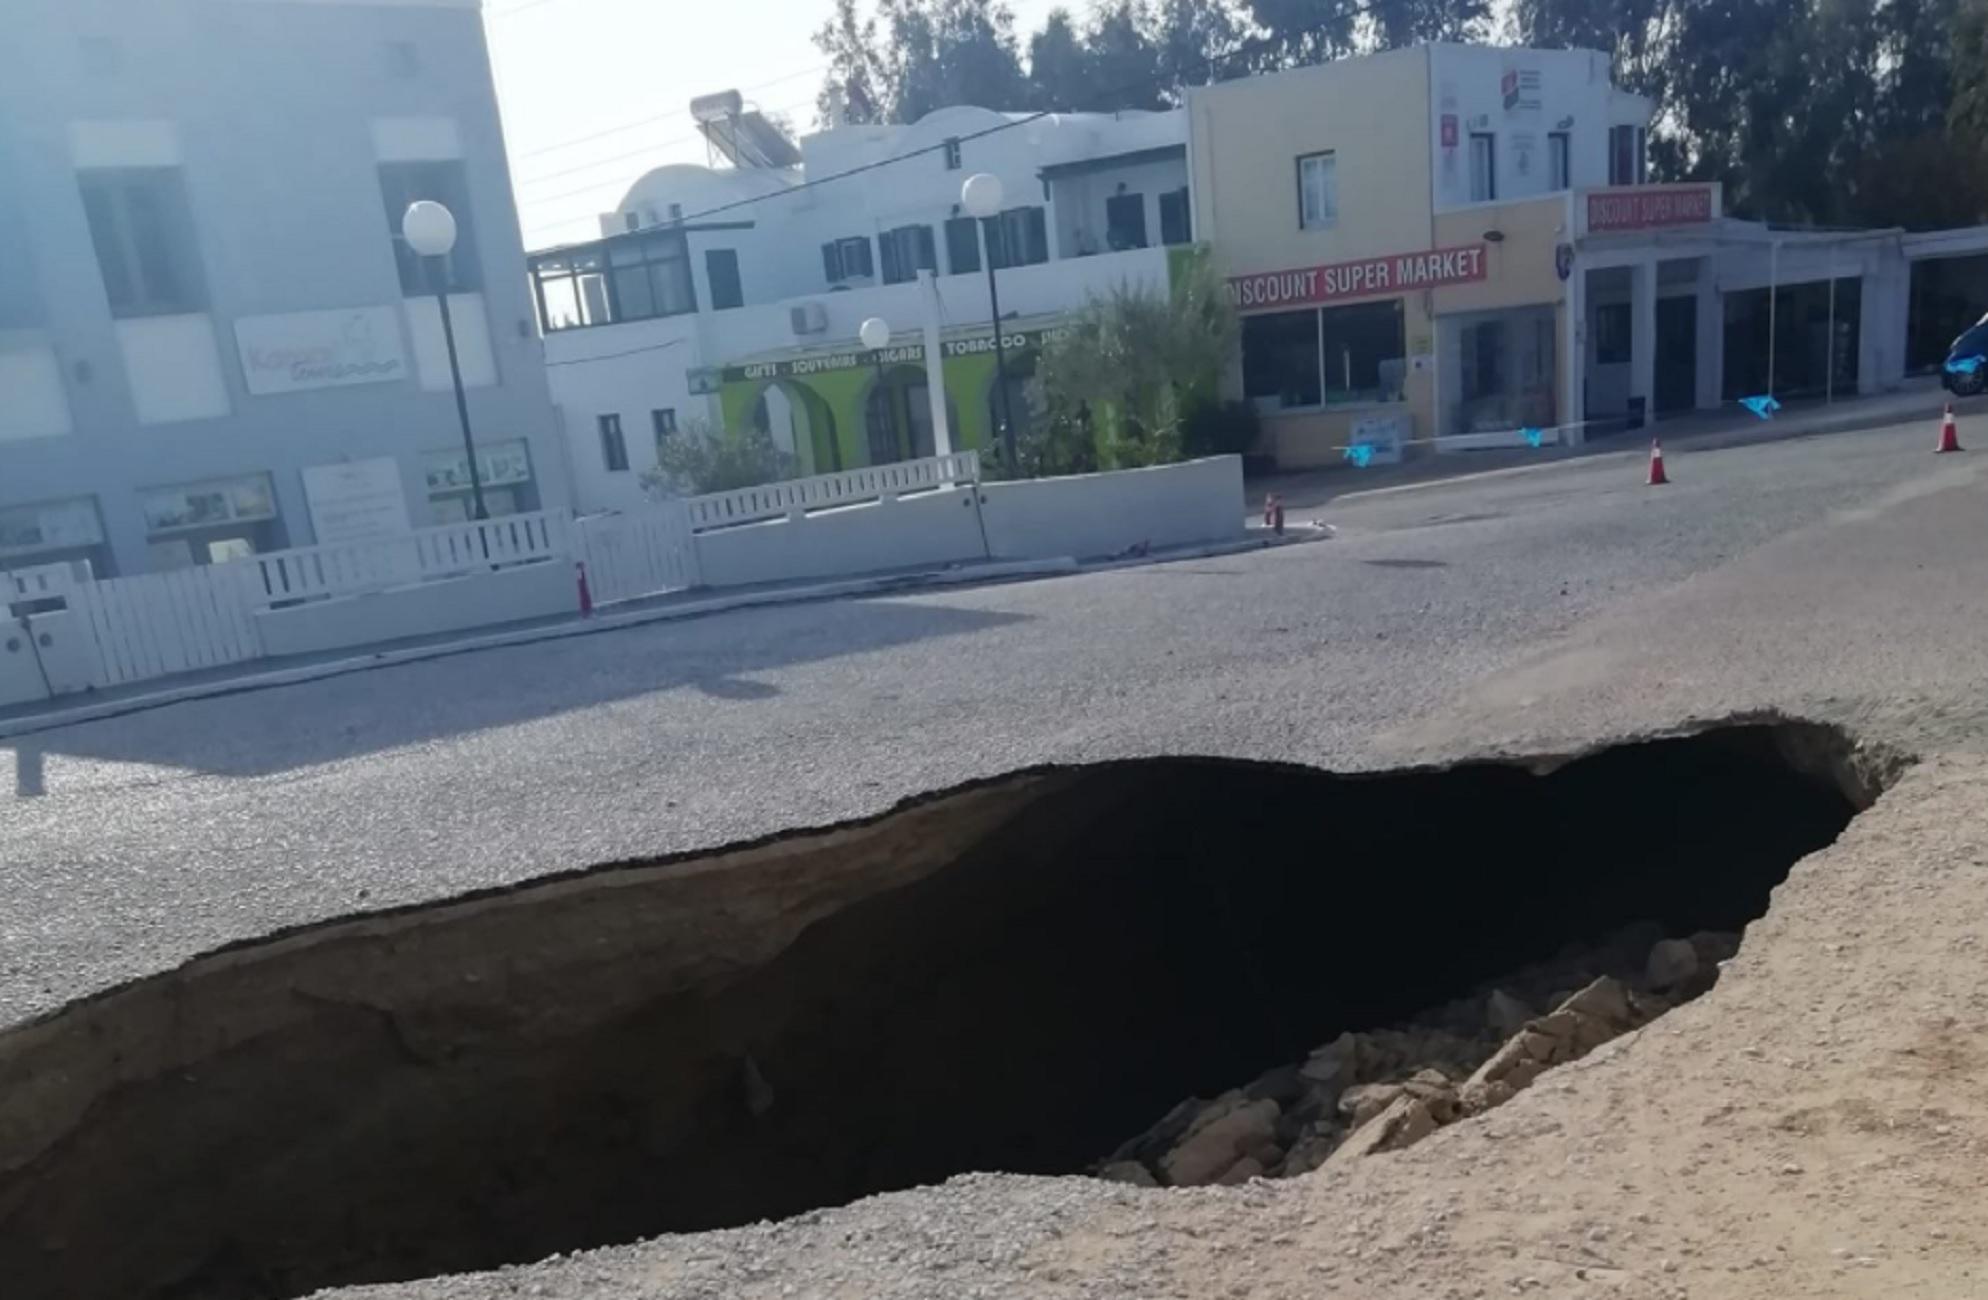 Σαντορίνη: Έφυγε η γη κάτω από τα πόδια τους – Απίθανες εικόνες σε δρόμο στο Καμάρι (video)